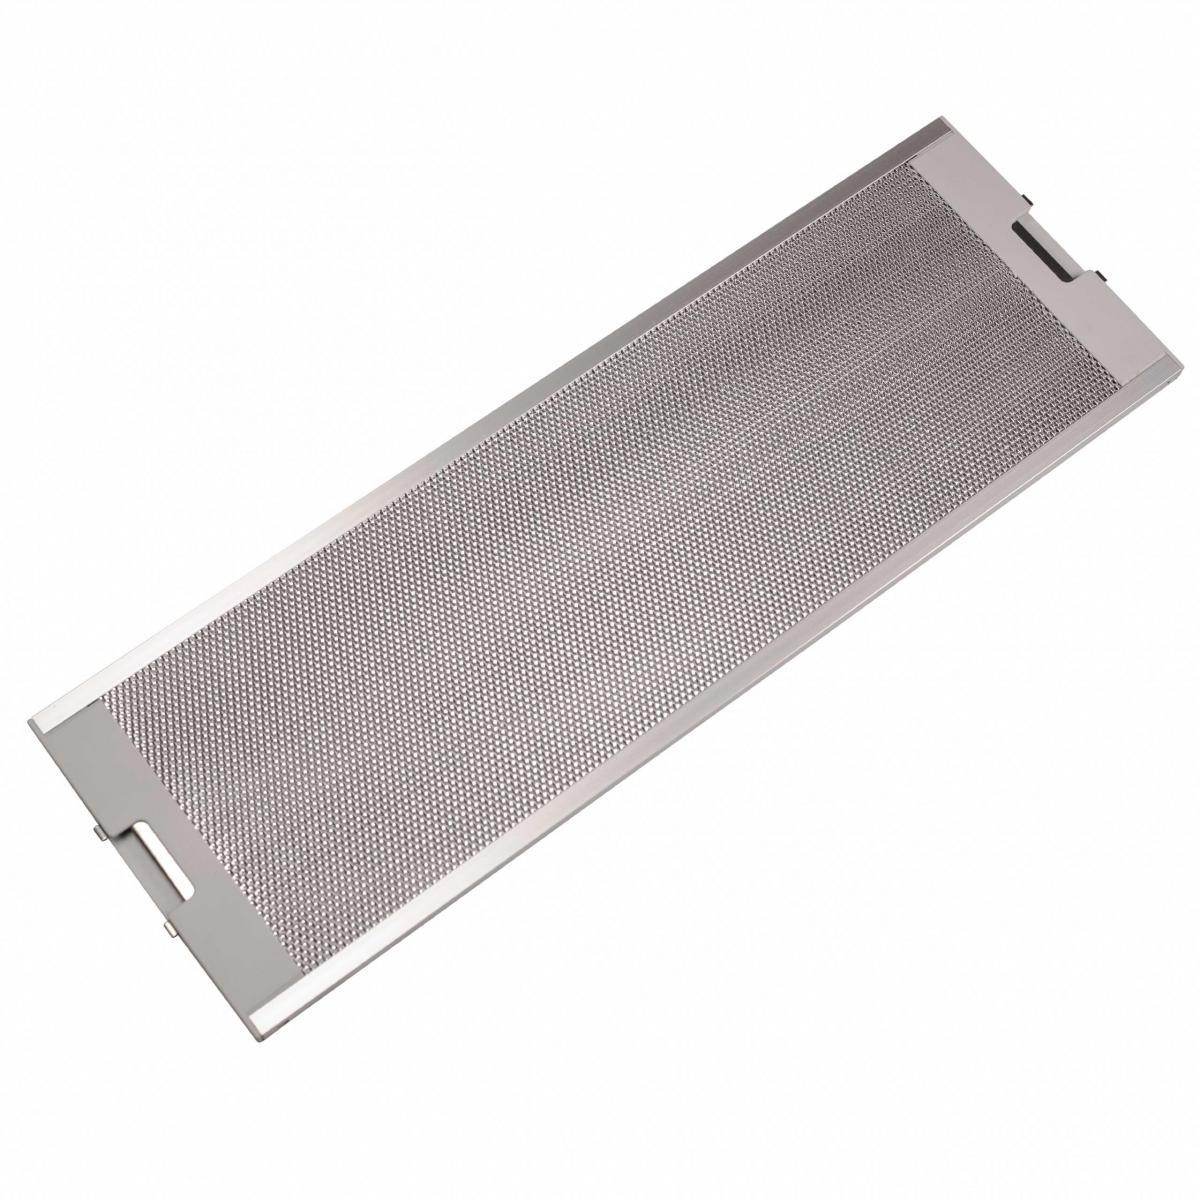 Vhbw vhbw Filtre Permanent Filtre à Graisse Métallique compatible avec Imperial DMA 64/2/CH, DMA 64/2/NL, DMA 64/4 Hottes de